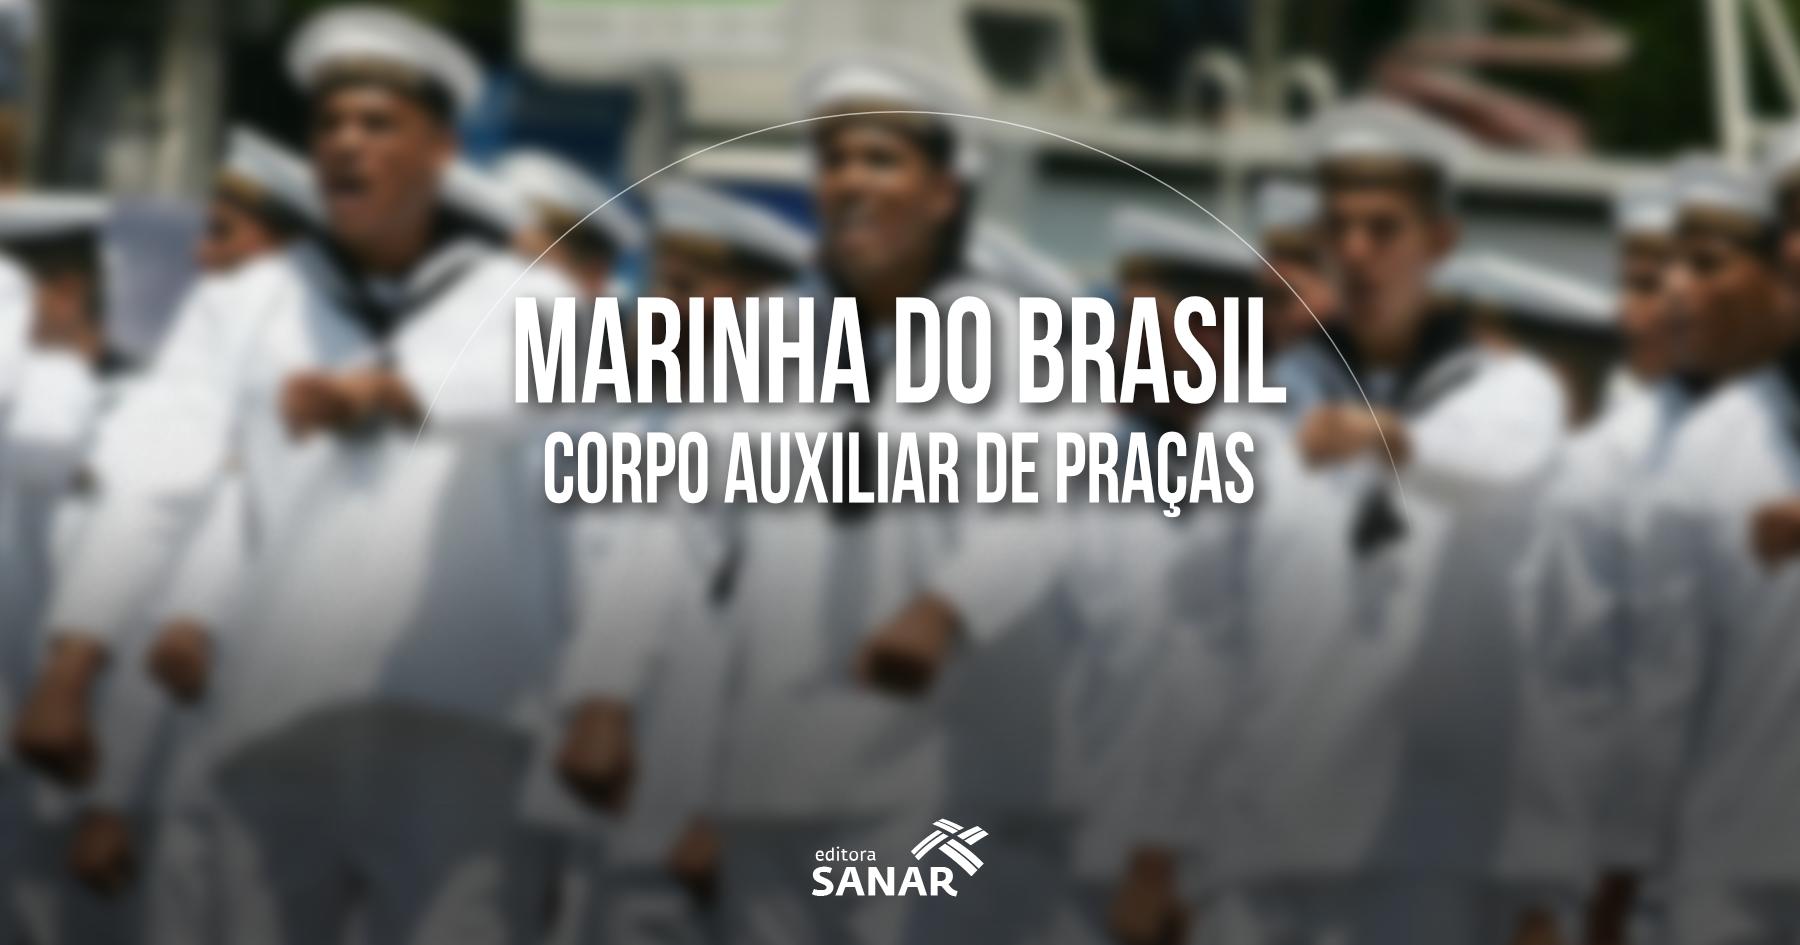 Concurso Marinha 2018 | Inscreva-se para o Corpo Auxiliar de Praças